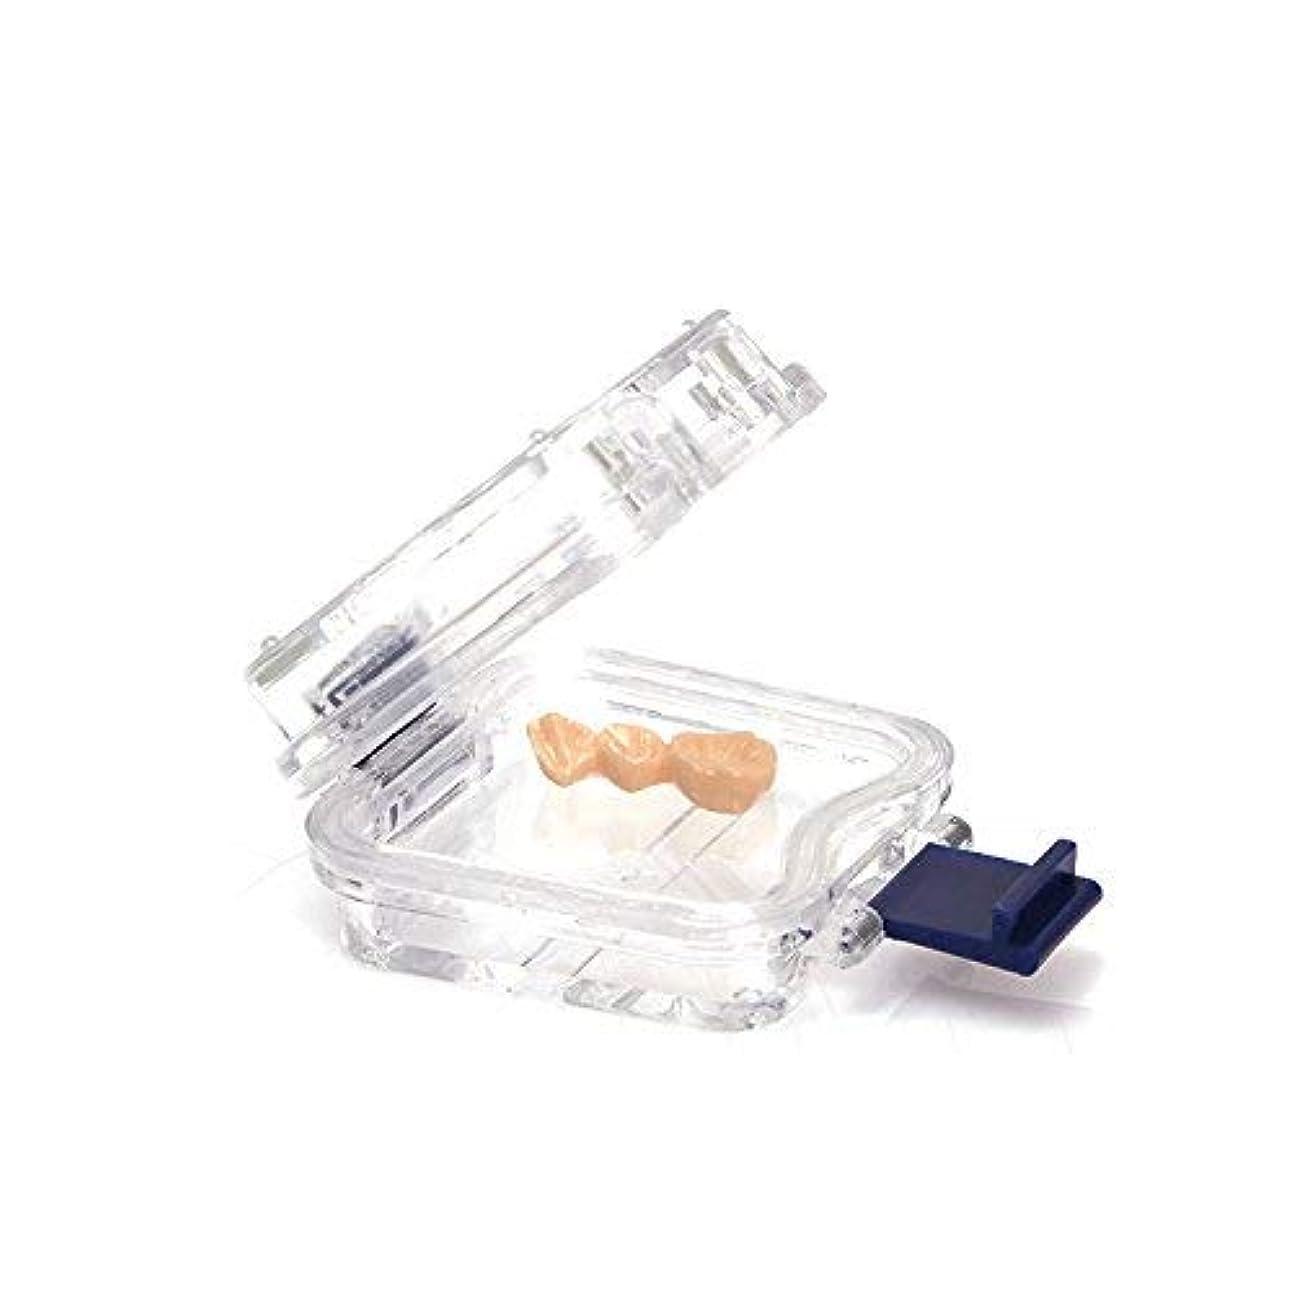 フェミニン老人例示する入れ歯ケース膜付き 5pcs/lot 義歯ケース 防振入れ歯ケース 小サイズ Annhua